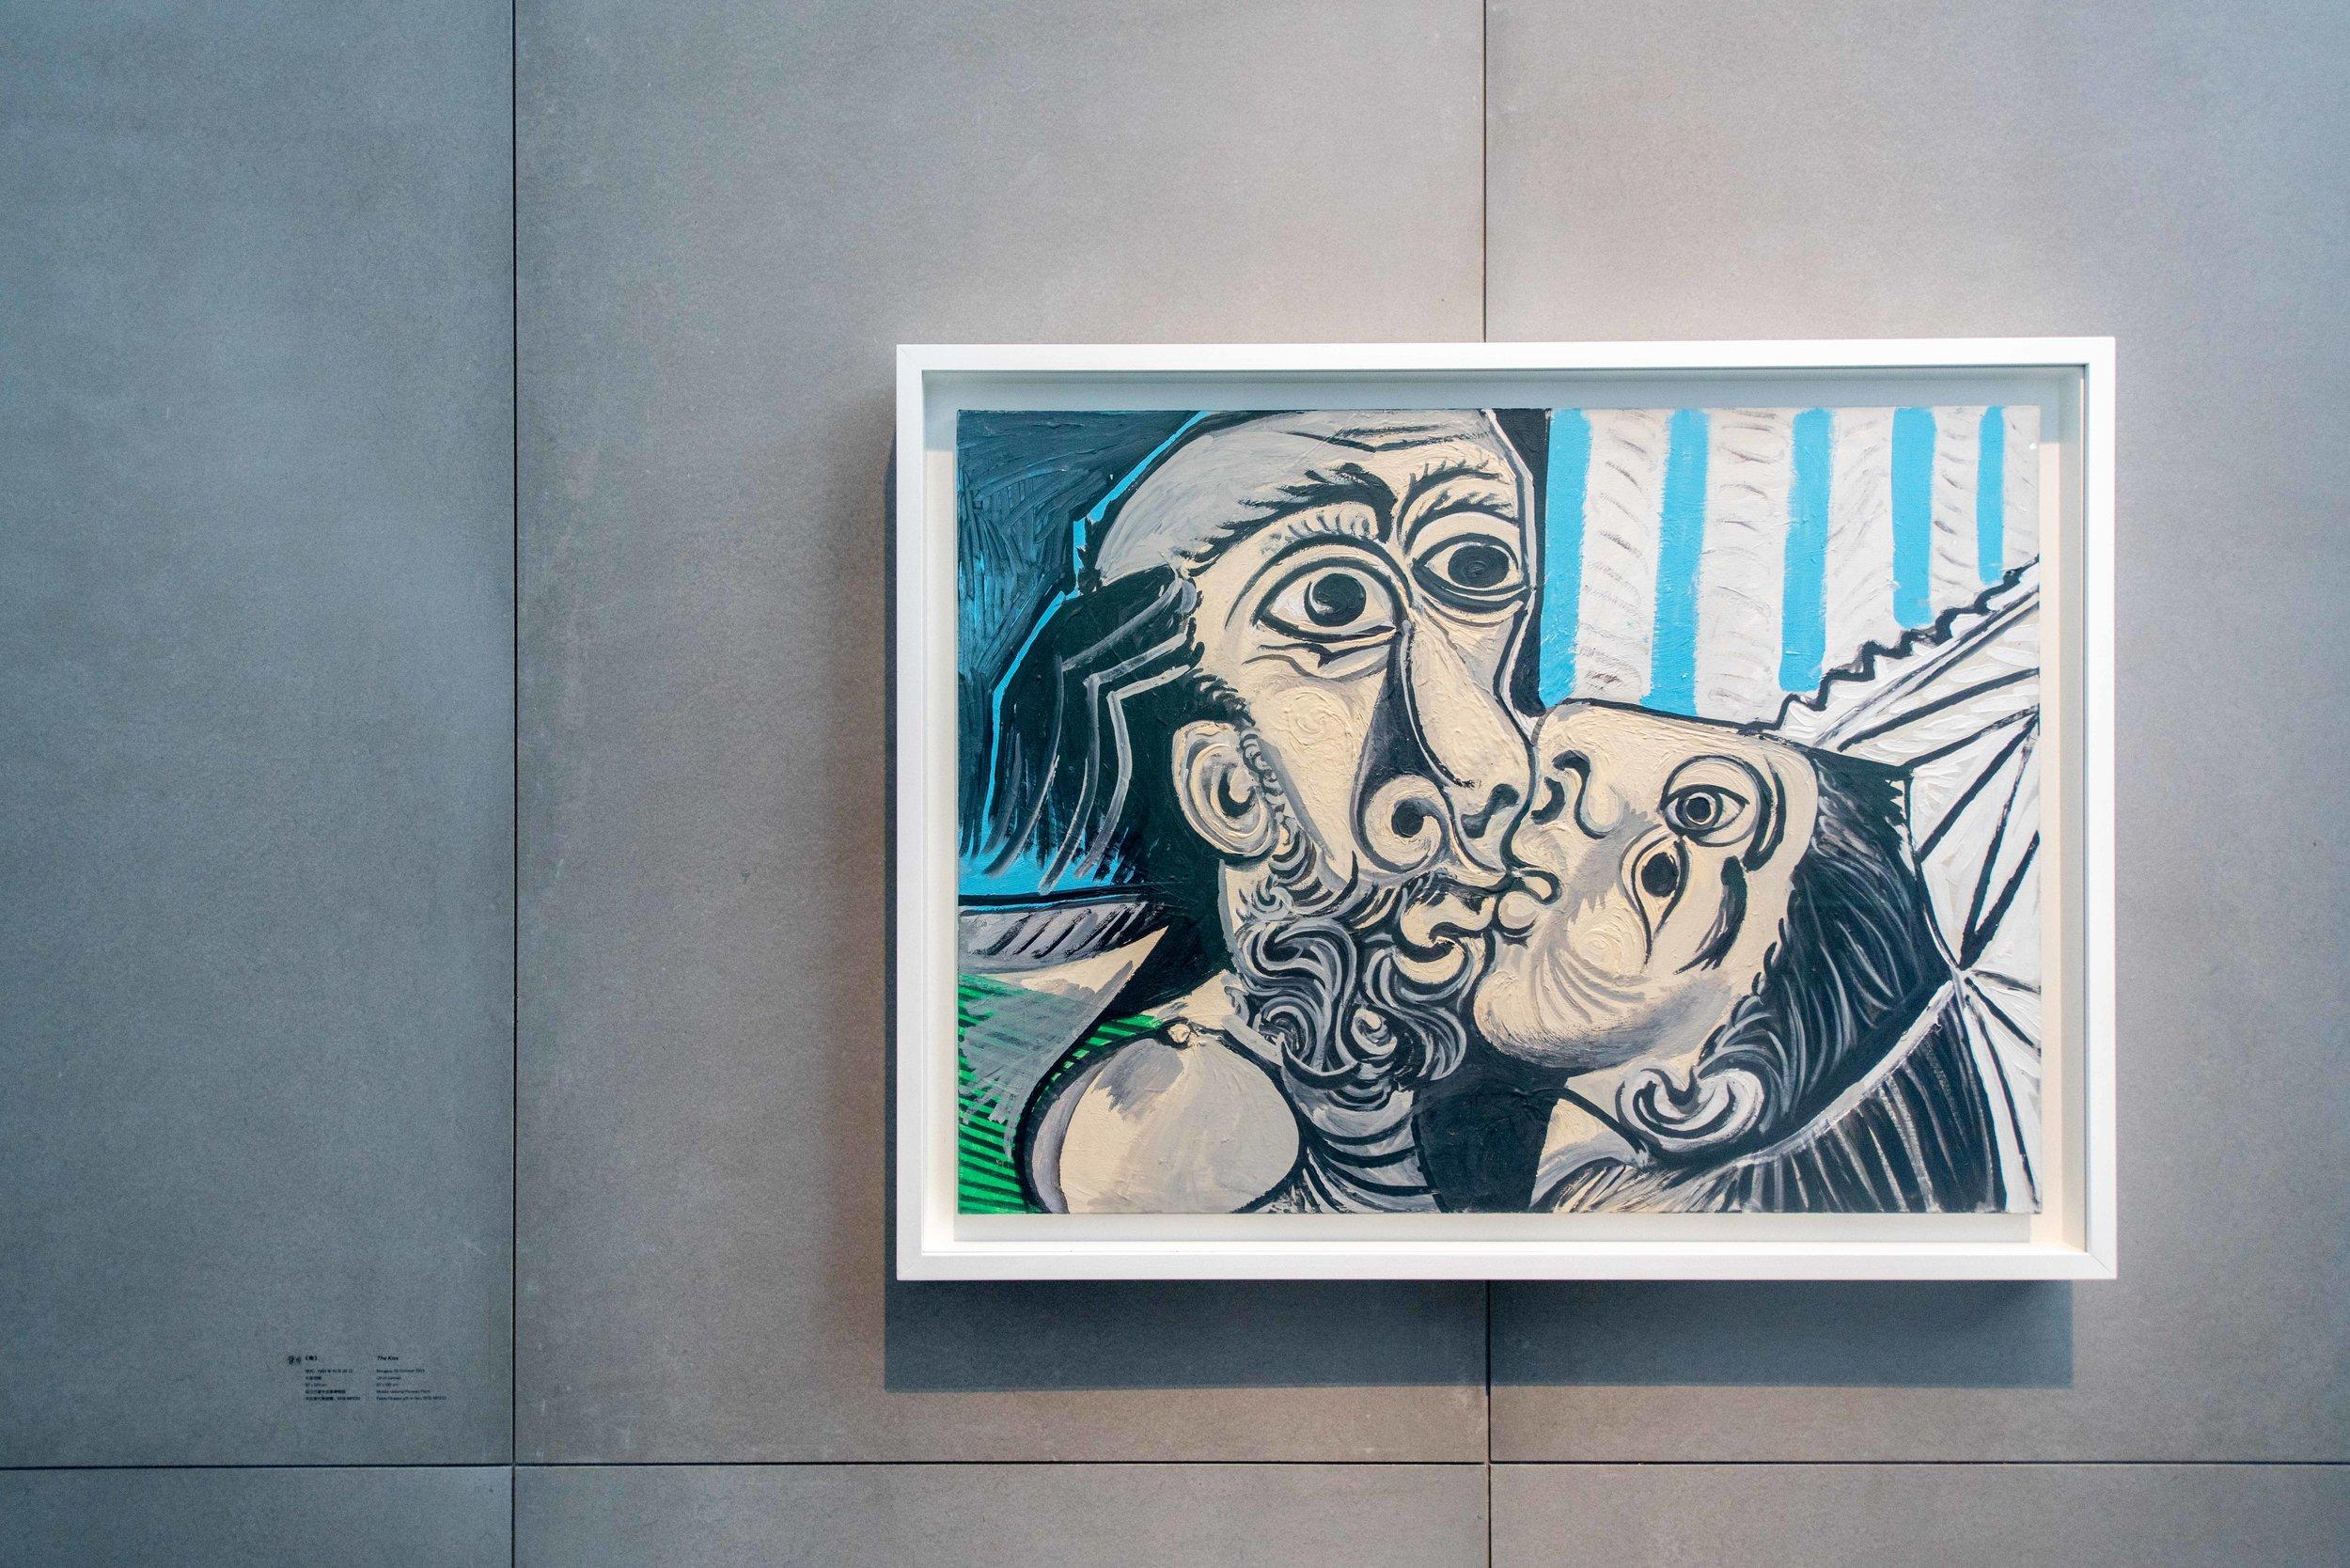 Le Baiser  Mougins, 26 Octobre 1969 Huile sur toile 97 x 130 cm Musée national Picasso-Paris © Succession Picasso 2019